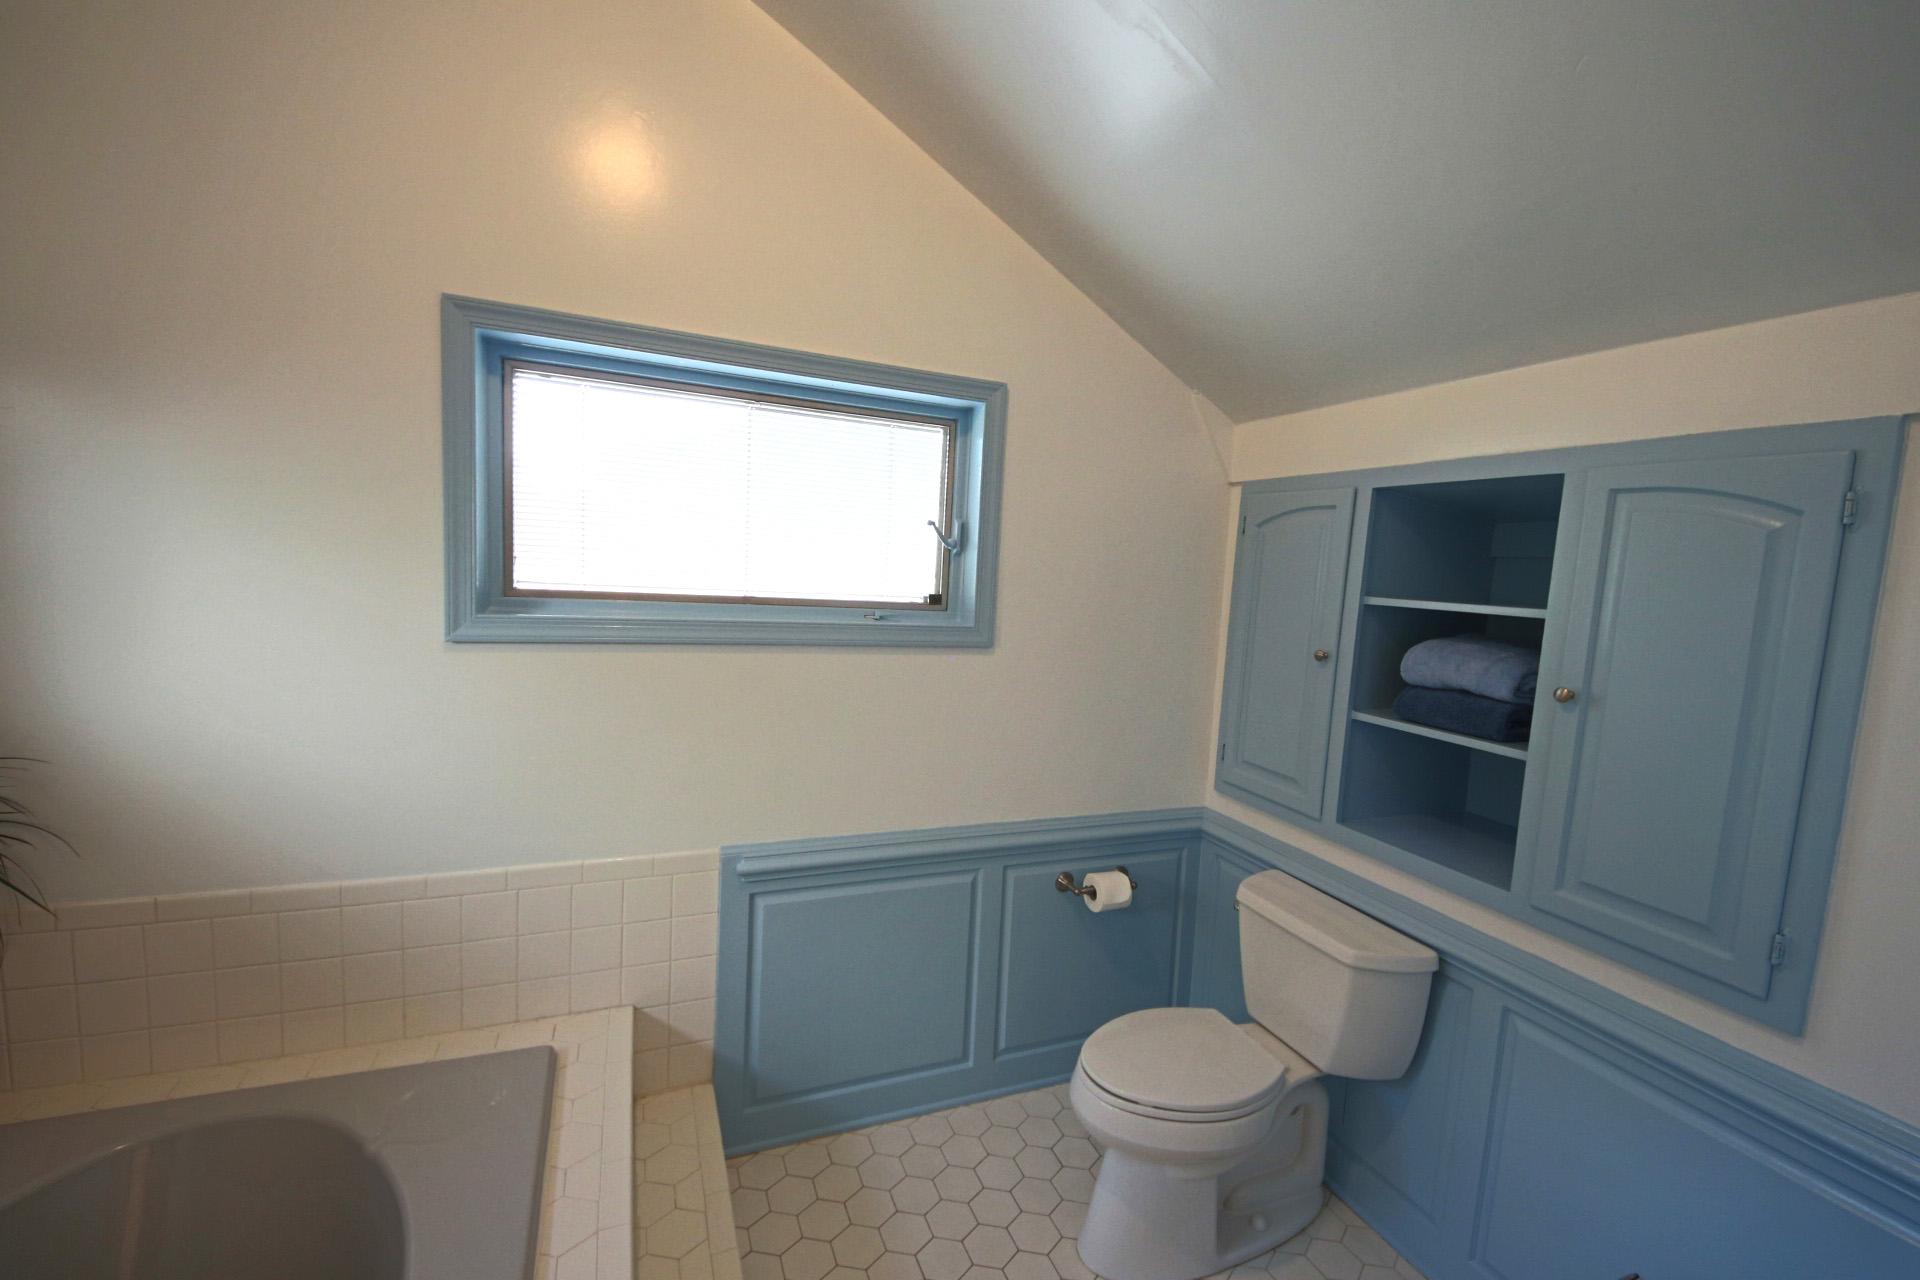 25. Upstairs Bathroom